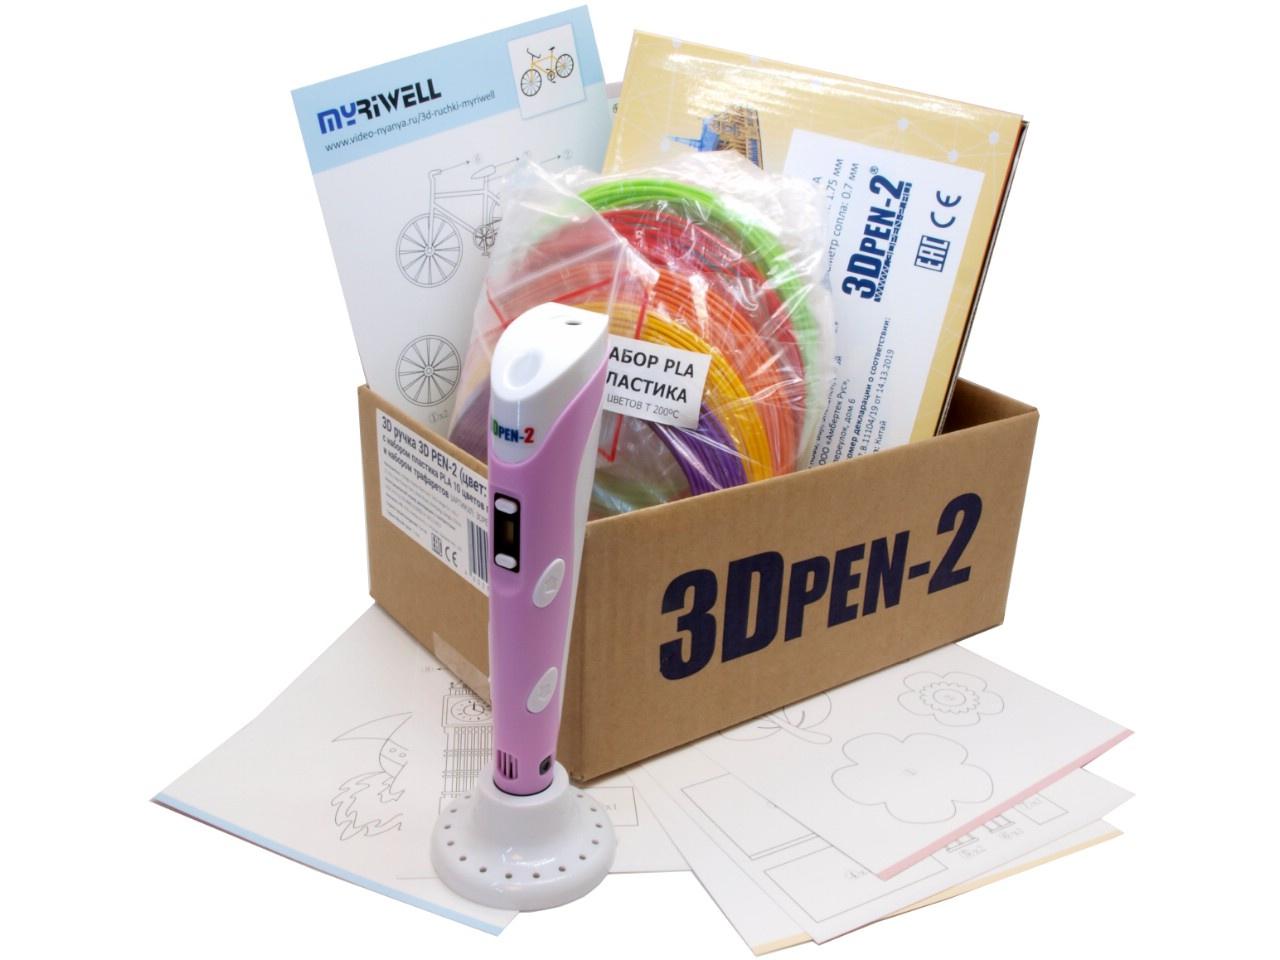 3D ручка 3DPEN-2 (цвет: розовый) с набором пластика PLA 10 цветов по 10 метров и набором трафаретов для 3D ручек